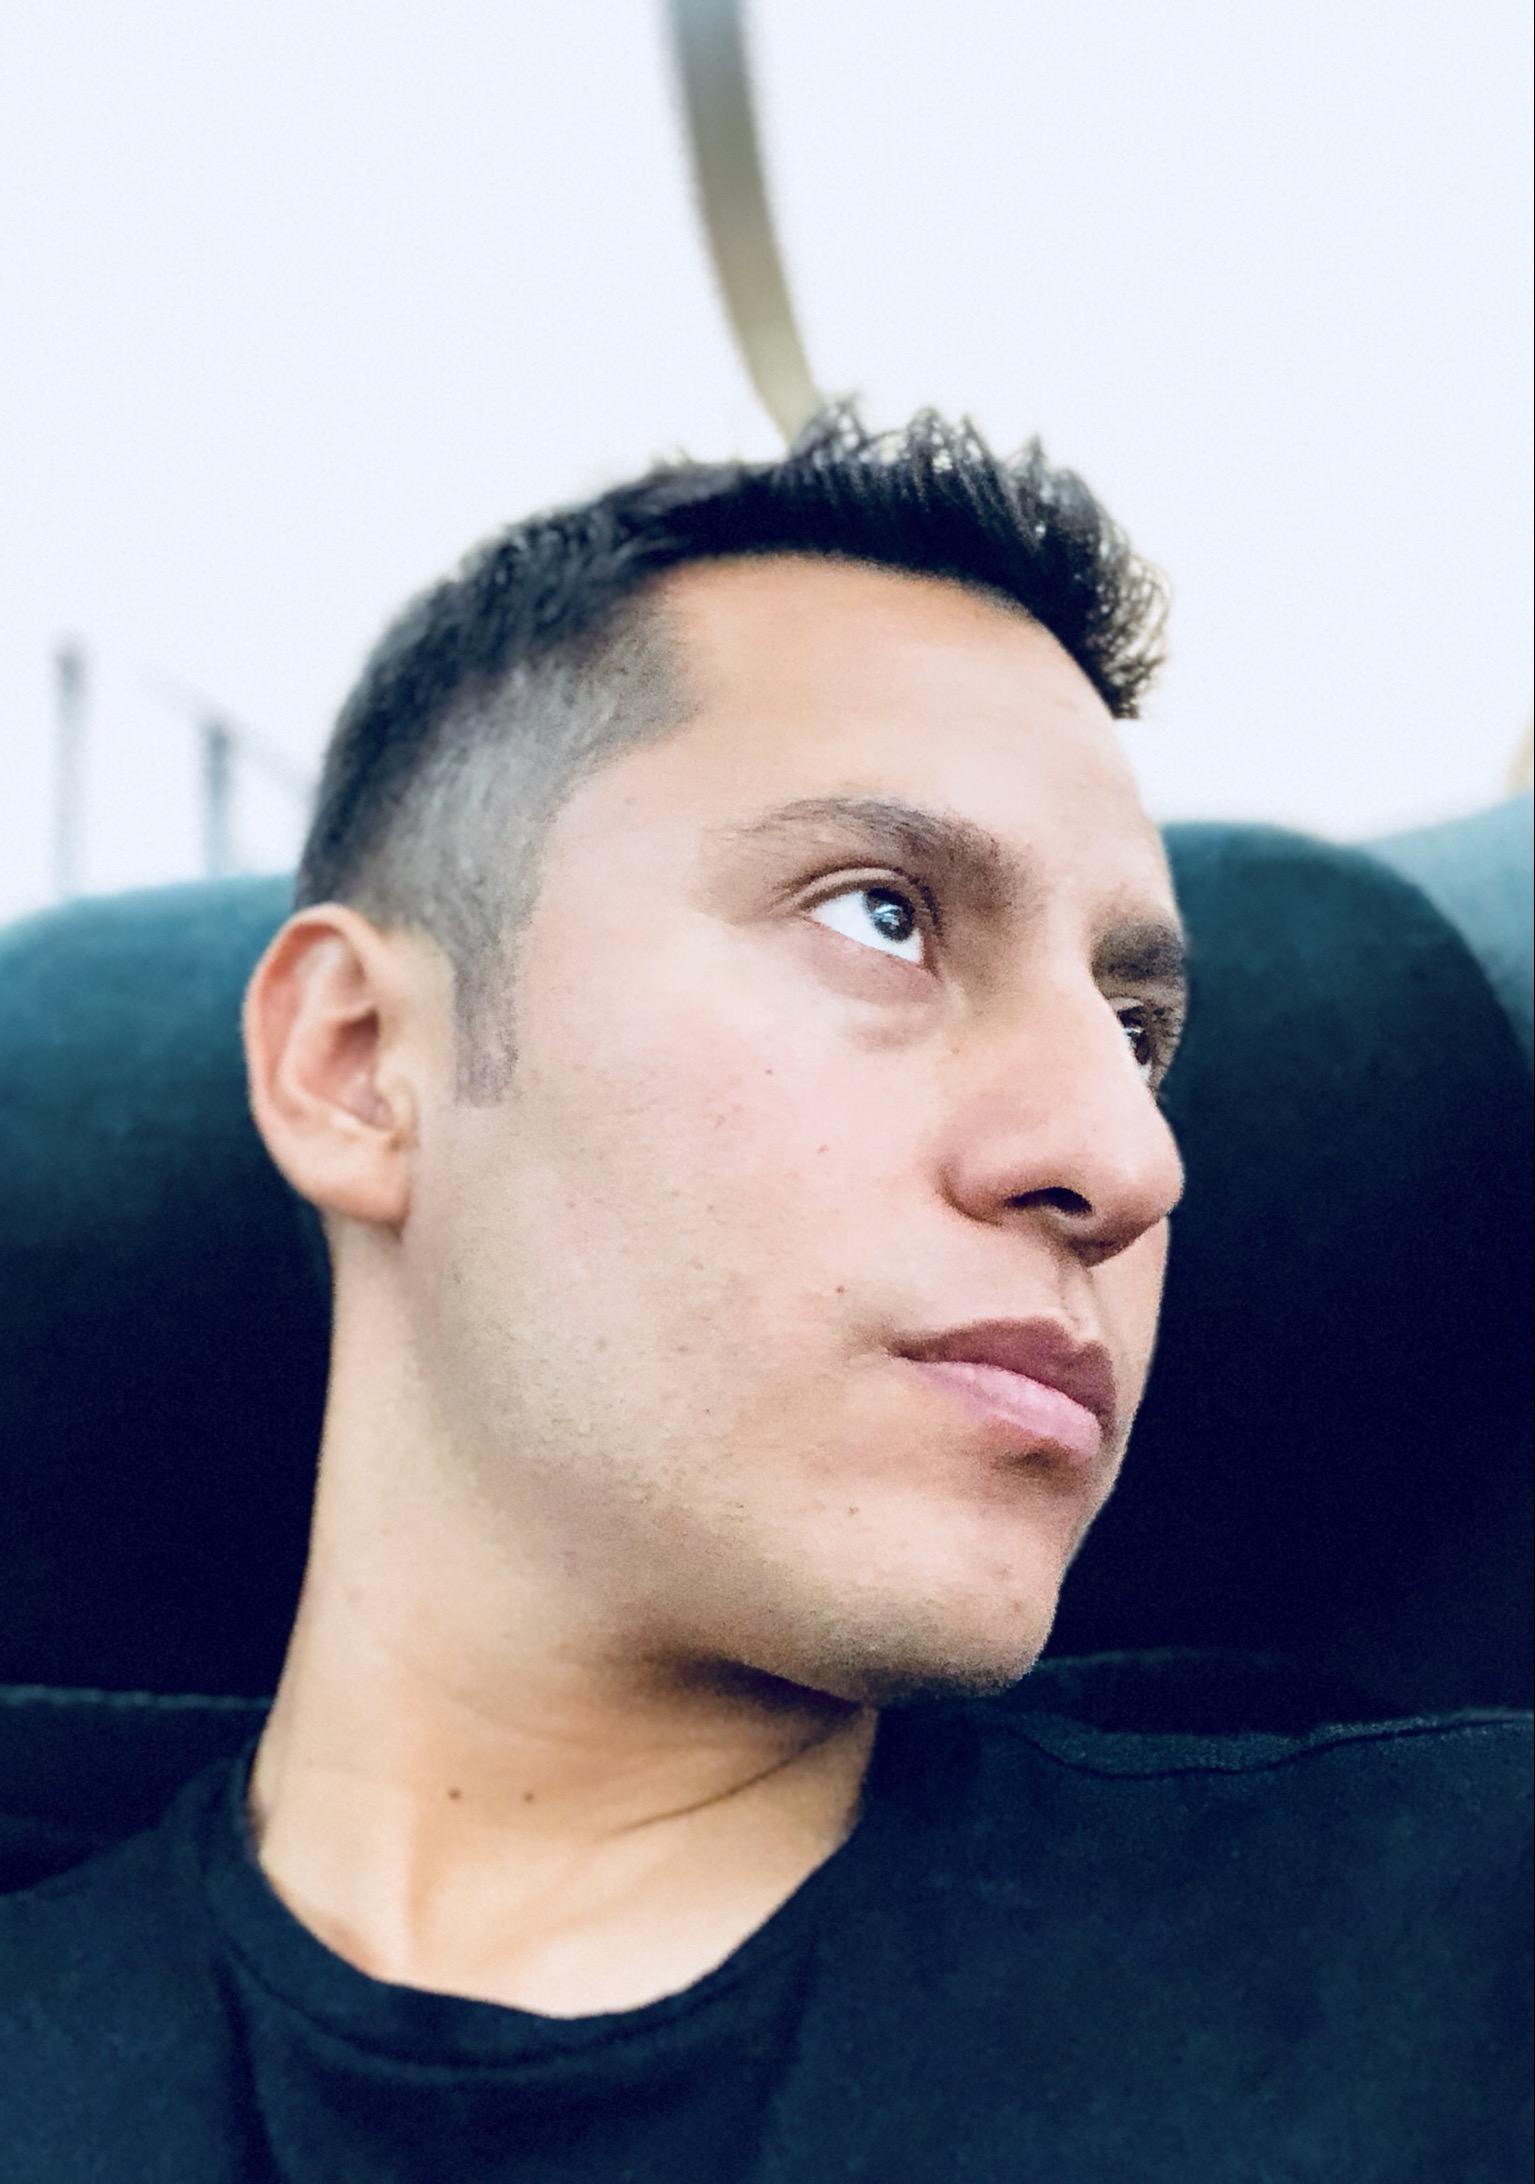 Rogelio's profile picture